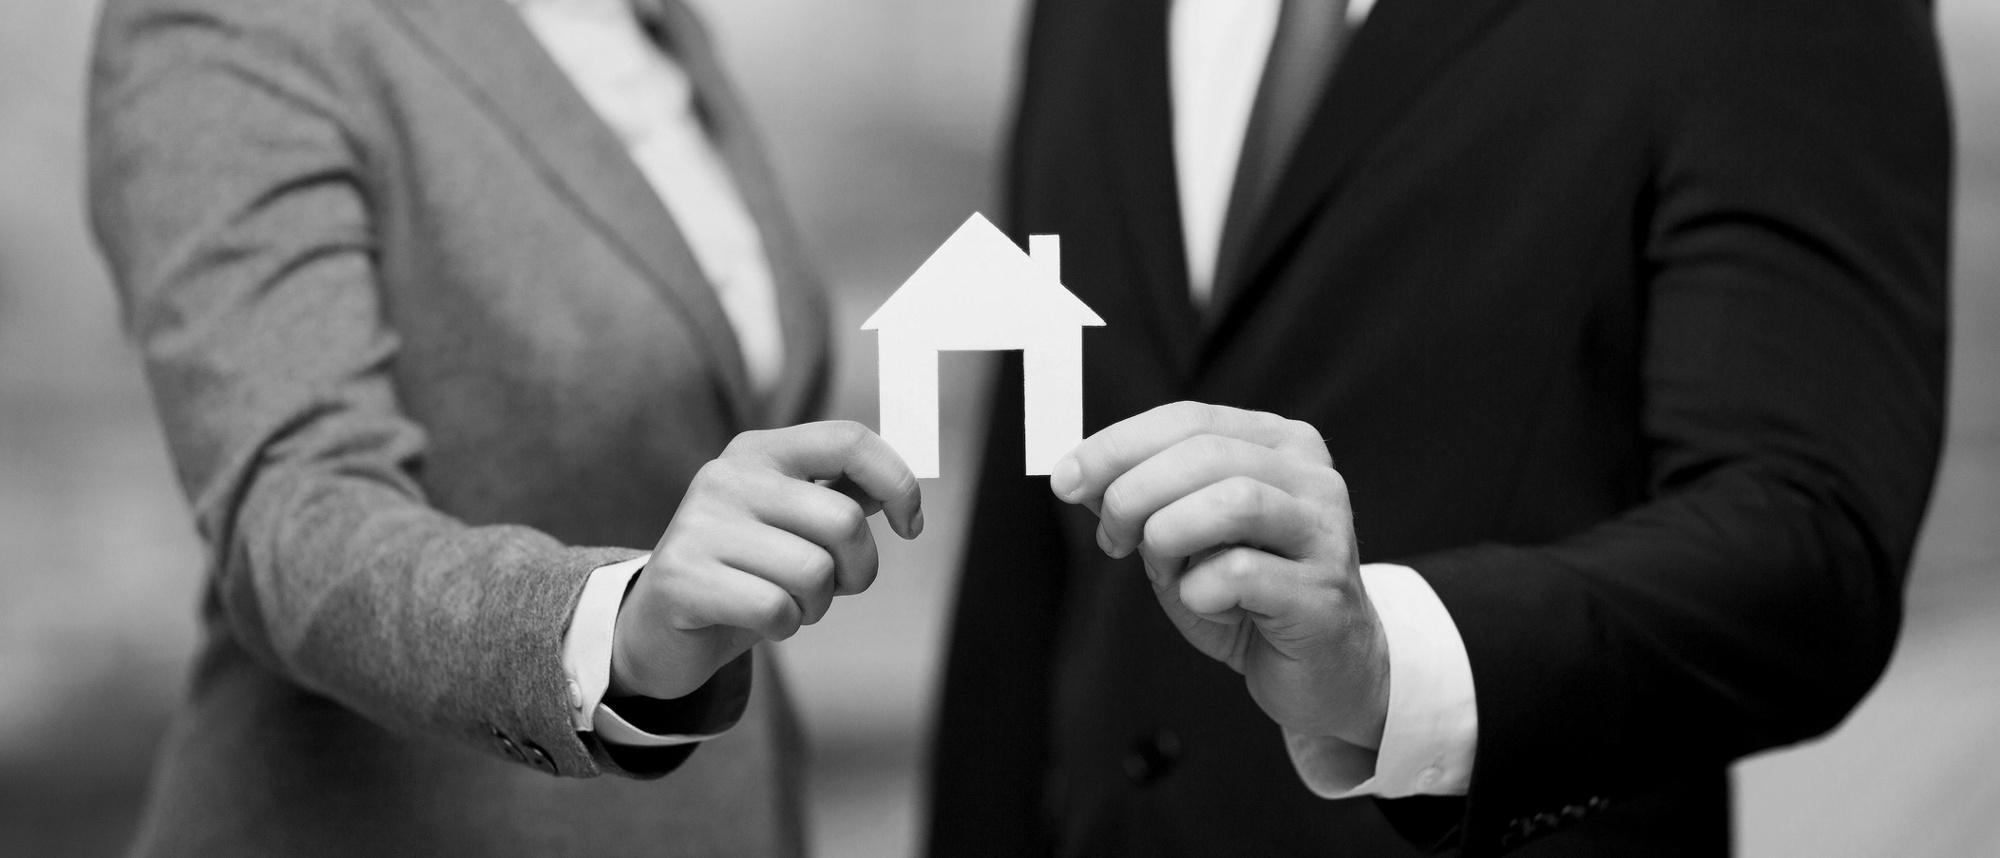 Hände halten Haus aus Papier - bildlich für Immobilienrecht, Mietrecht, Baurecht, Nachbarschaftsrecht & WEG-Recht in München